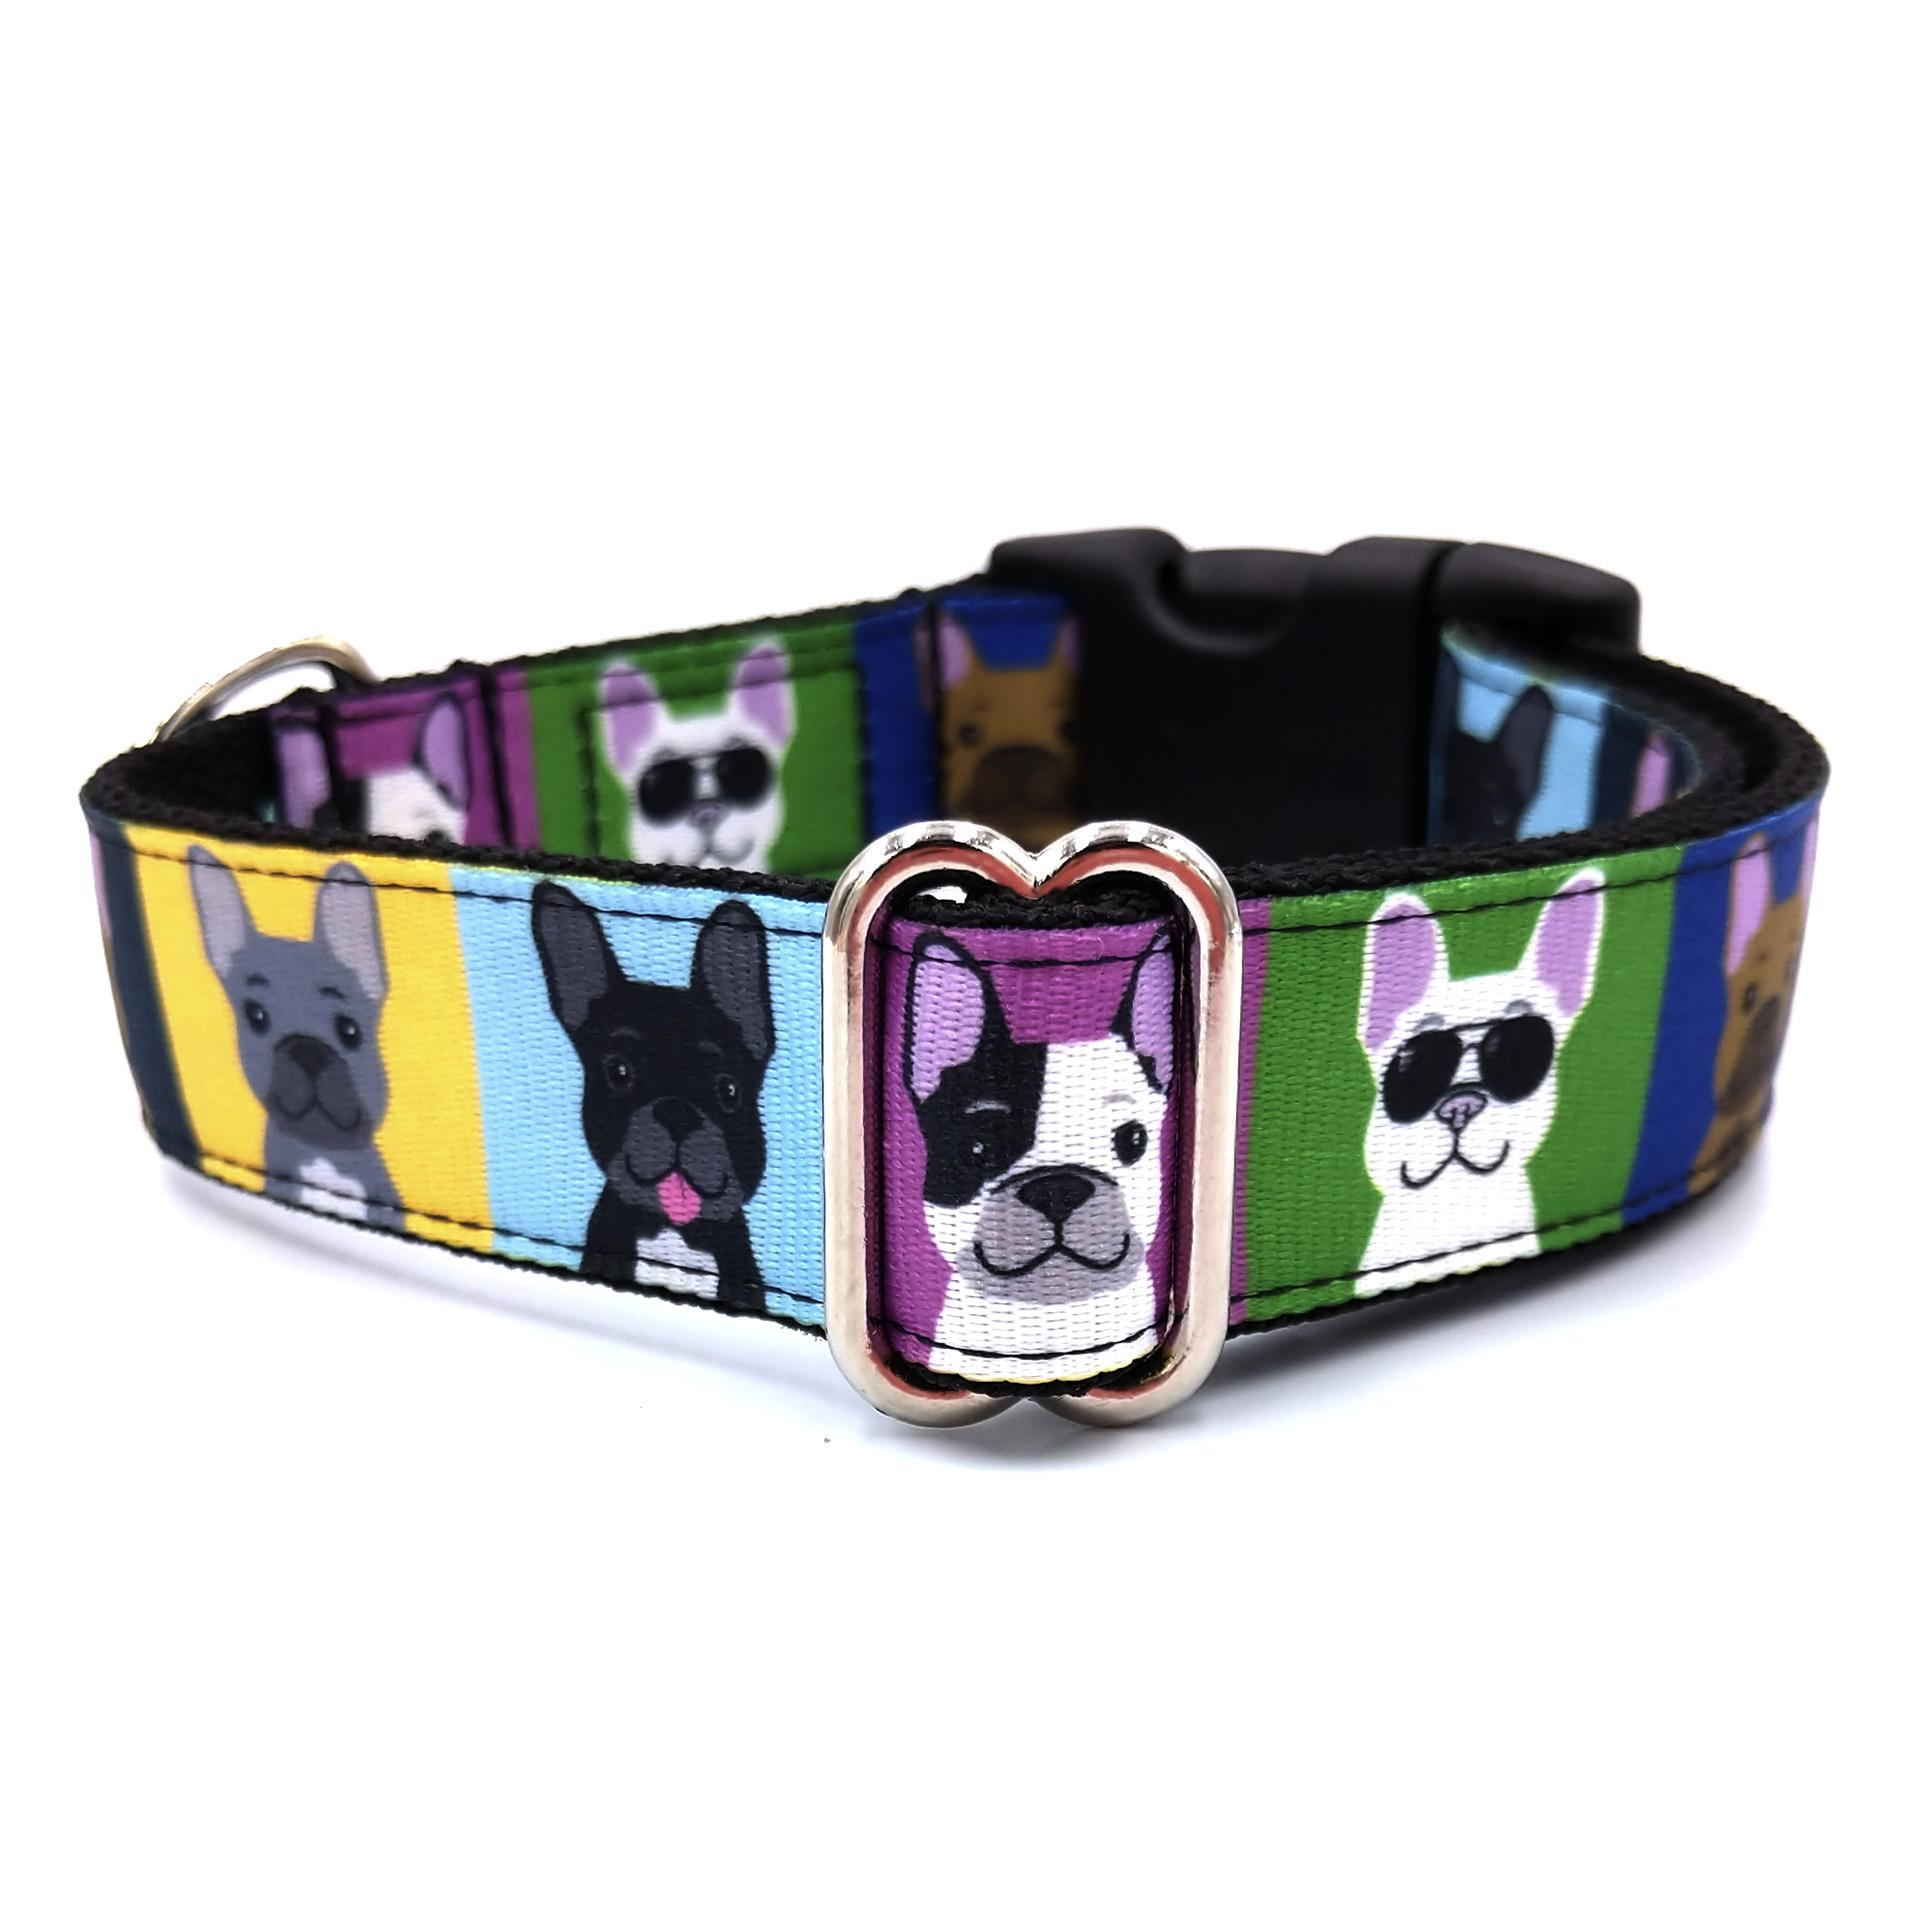 Bulldog love dog collar